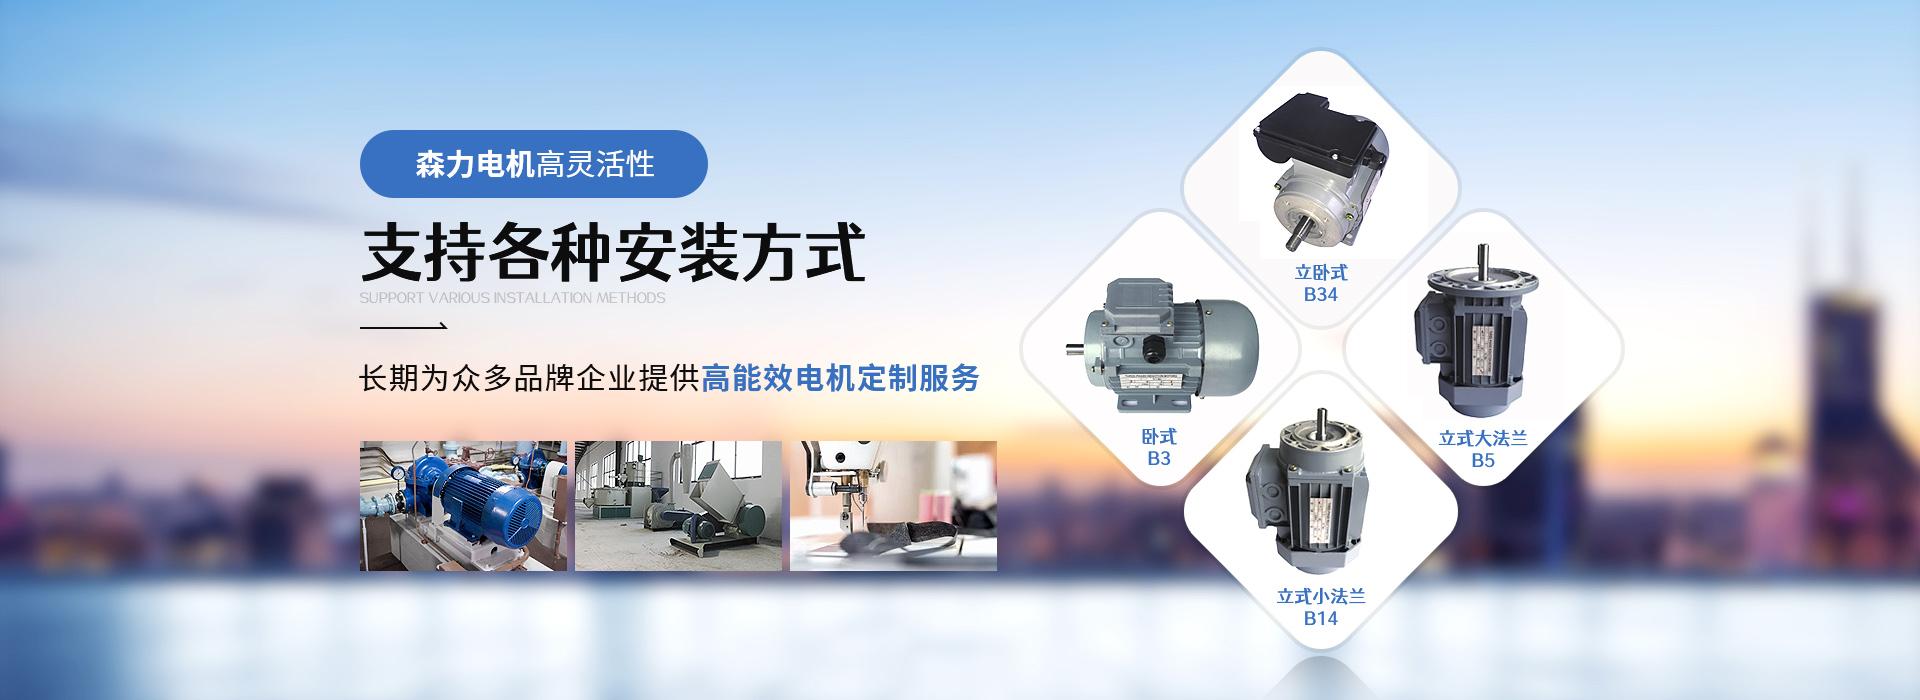 力矩电机厂家产品满足使用需求灵活应用运行稳定